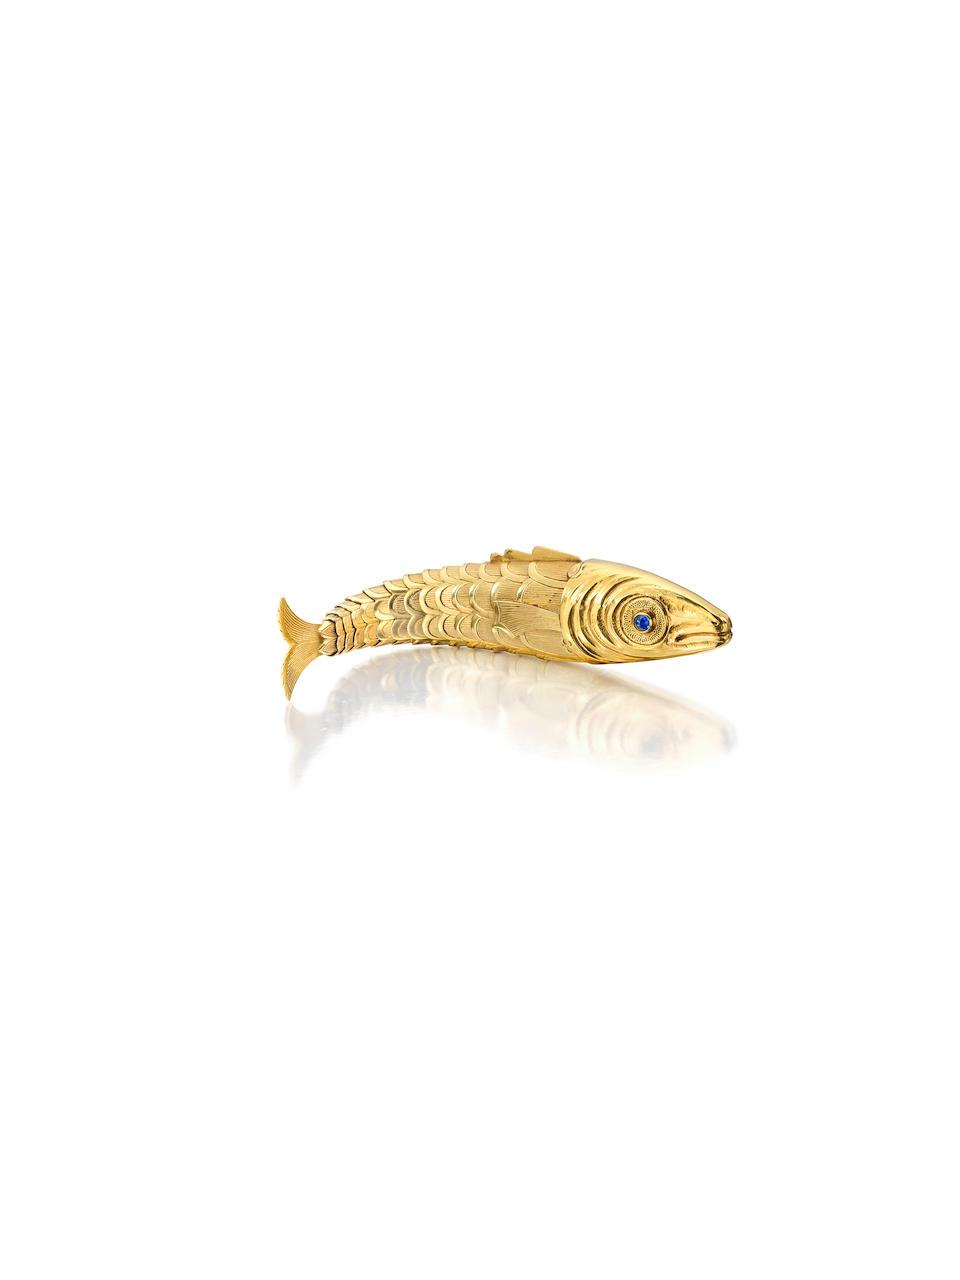 A rare gold and gem-set lighter, Jean Schlumberger,